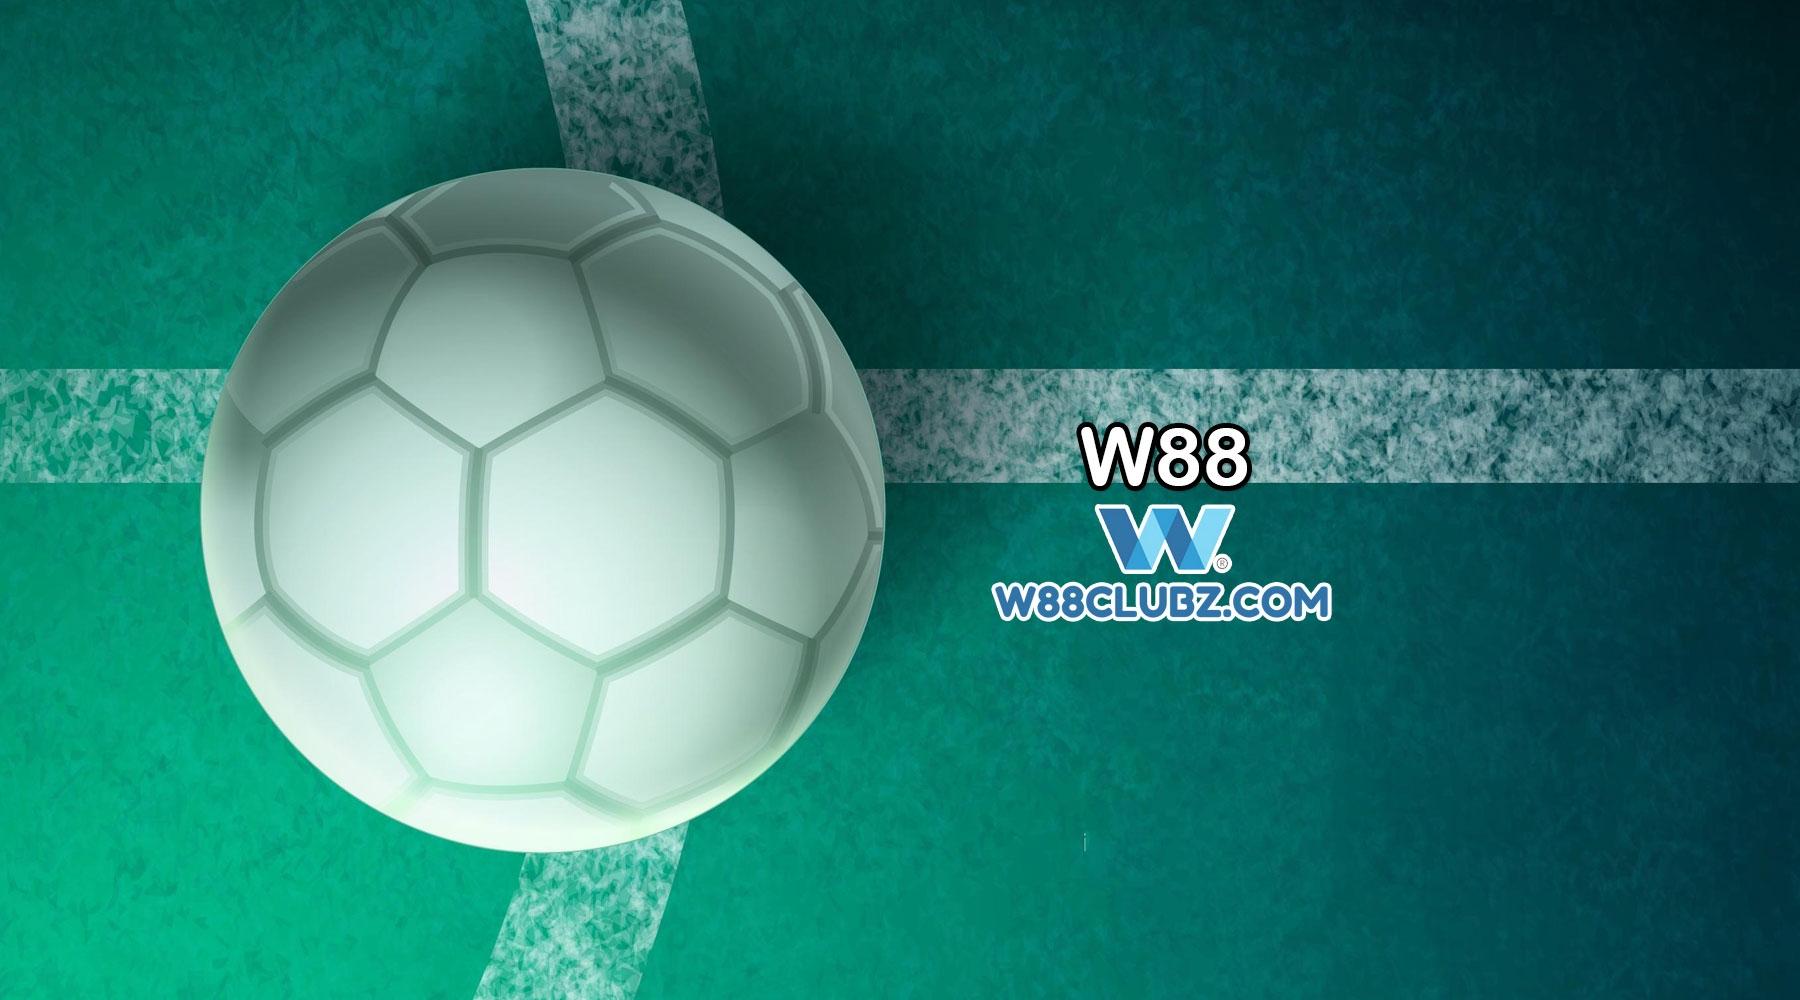 w88clubz (@w88clubz) Cover Image